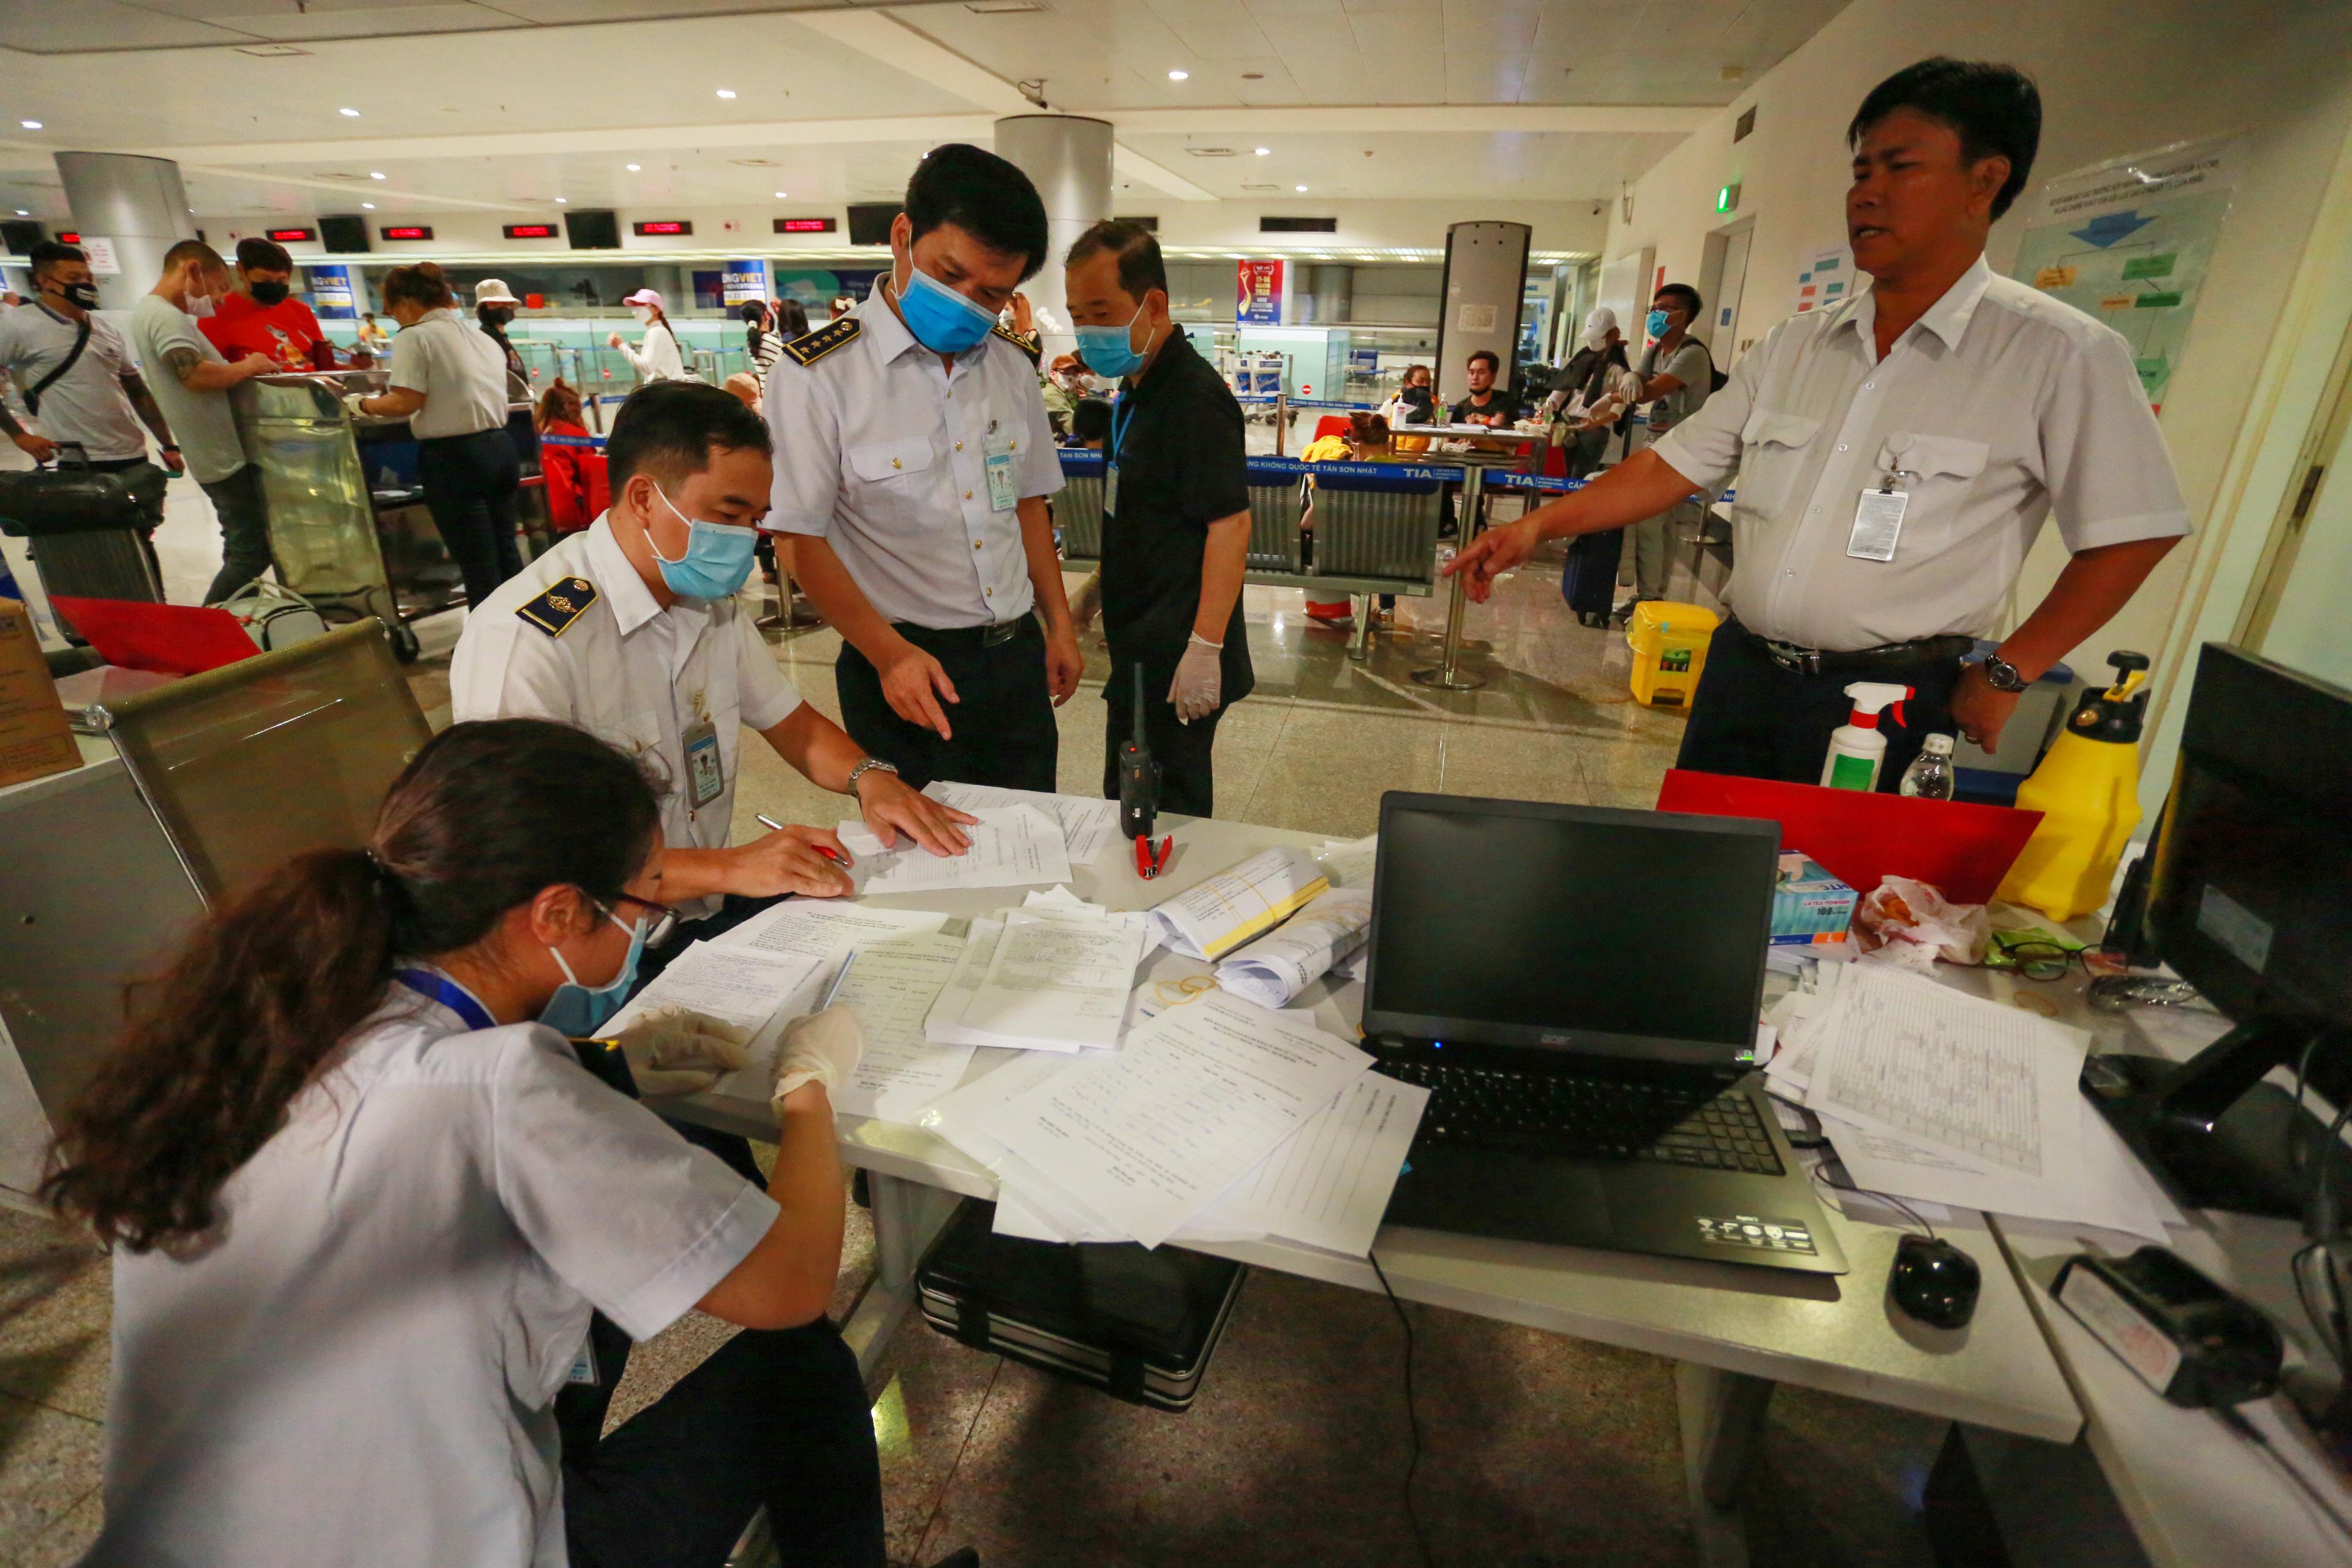 Chiều 26/2, Trung tâm kiểm dịch y tế Quốc tế hoạt động hết công suất để triển khai các quy trình kiểm dịch tại sân bay Tân Sơn Nhất (TP.HCM), nhằm phòng ngừa Covid-19 với hành khách bay từ Hàn Quốc tới Việt Nam